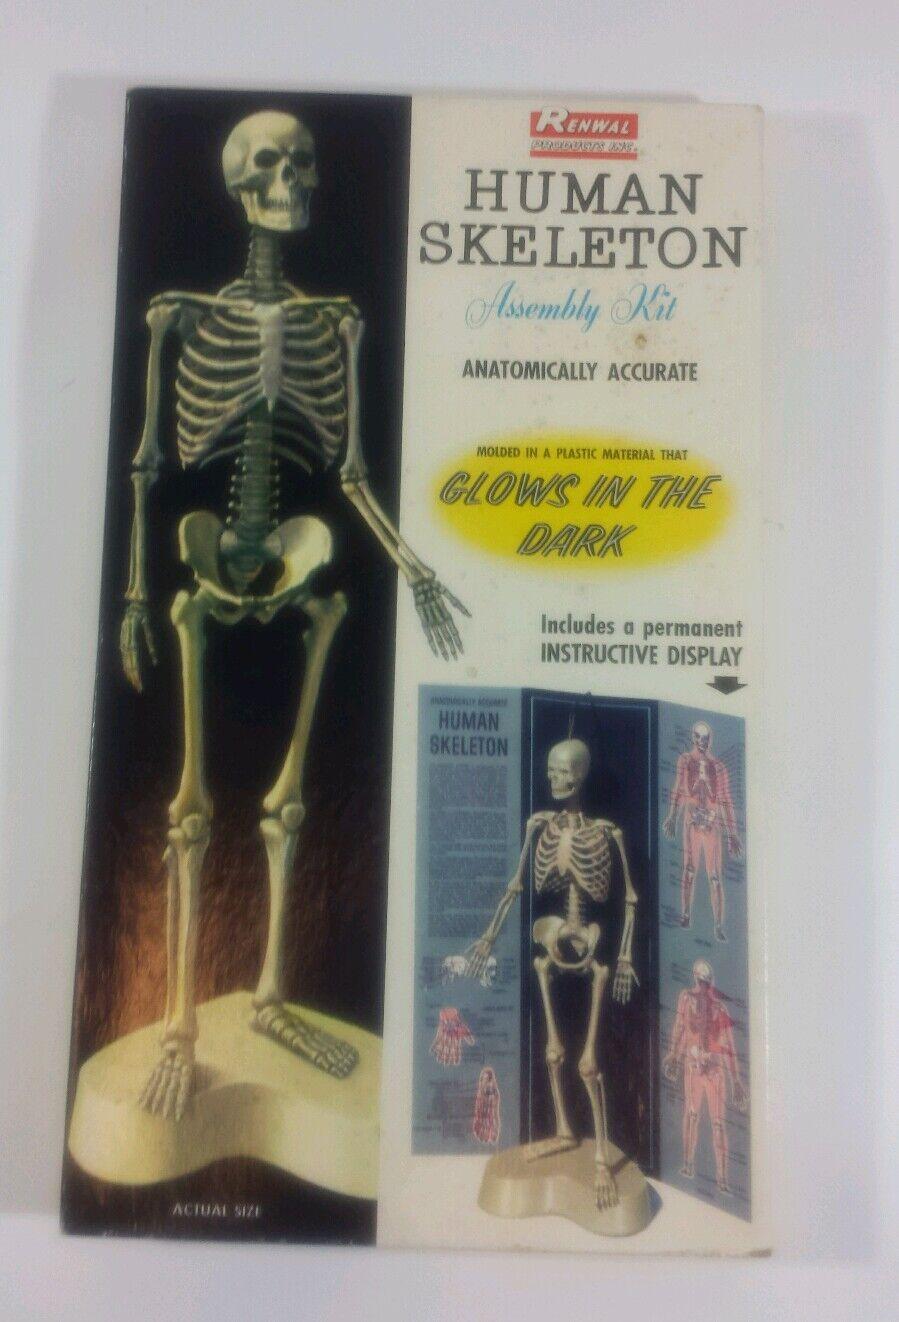 Jahr Modells Kits 1959 Renwal Human Skeleton Assembly Kit NIB MINT COND. Masse 3